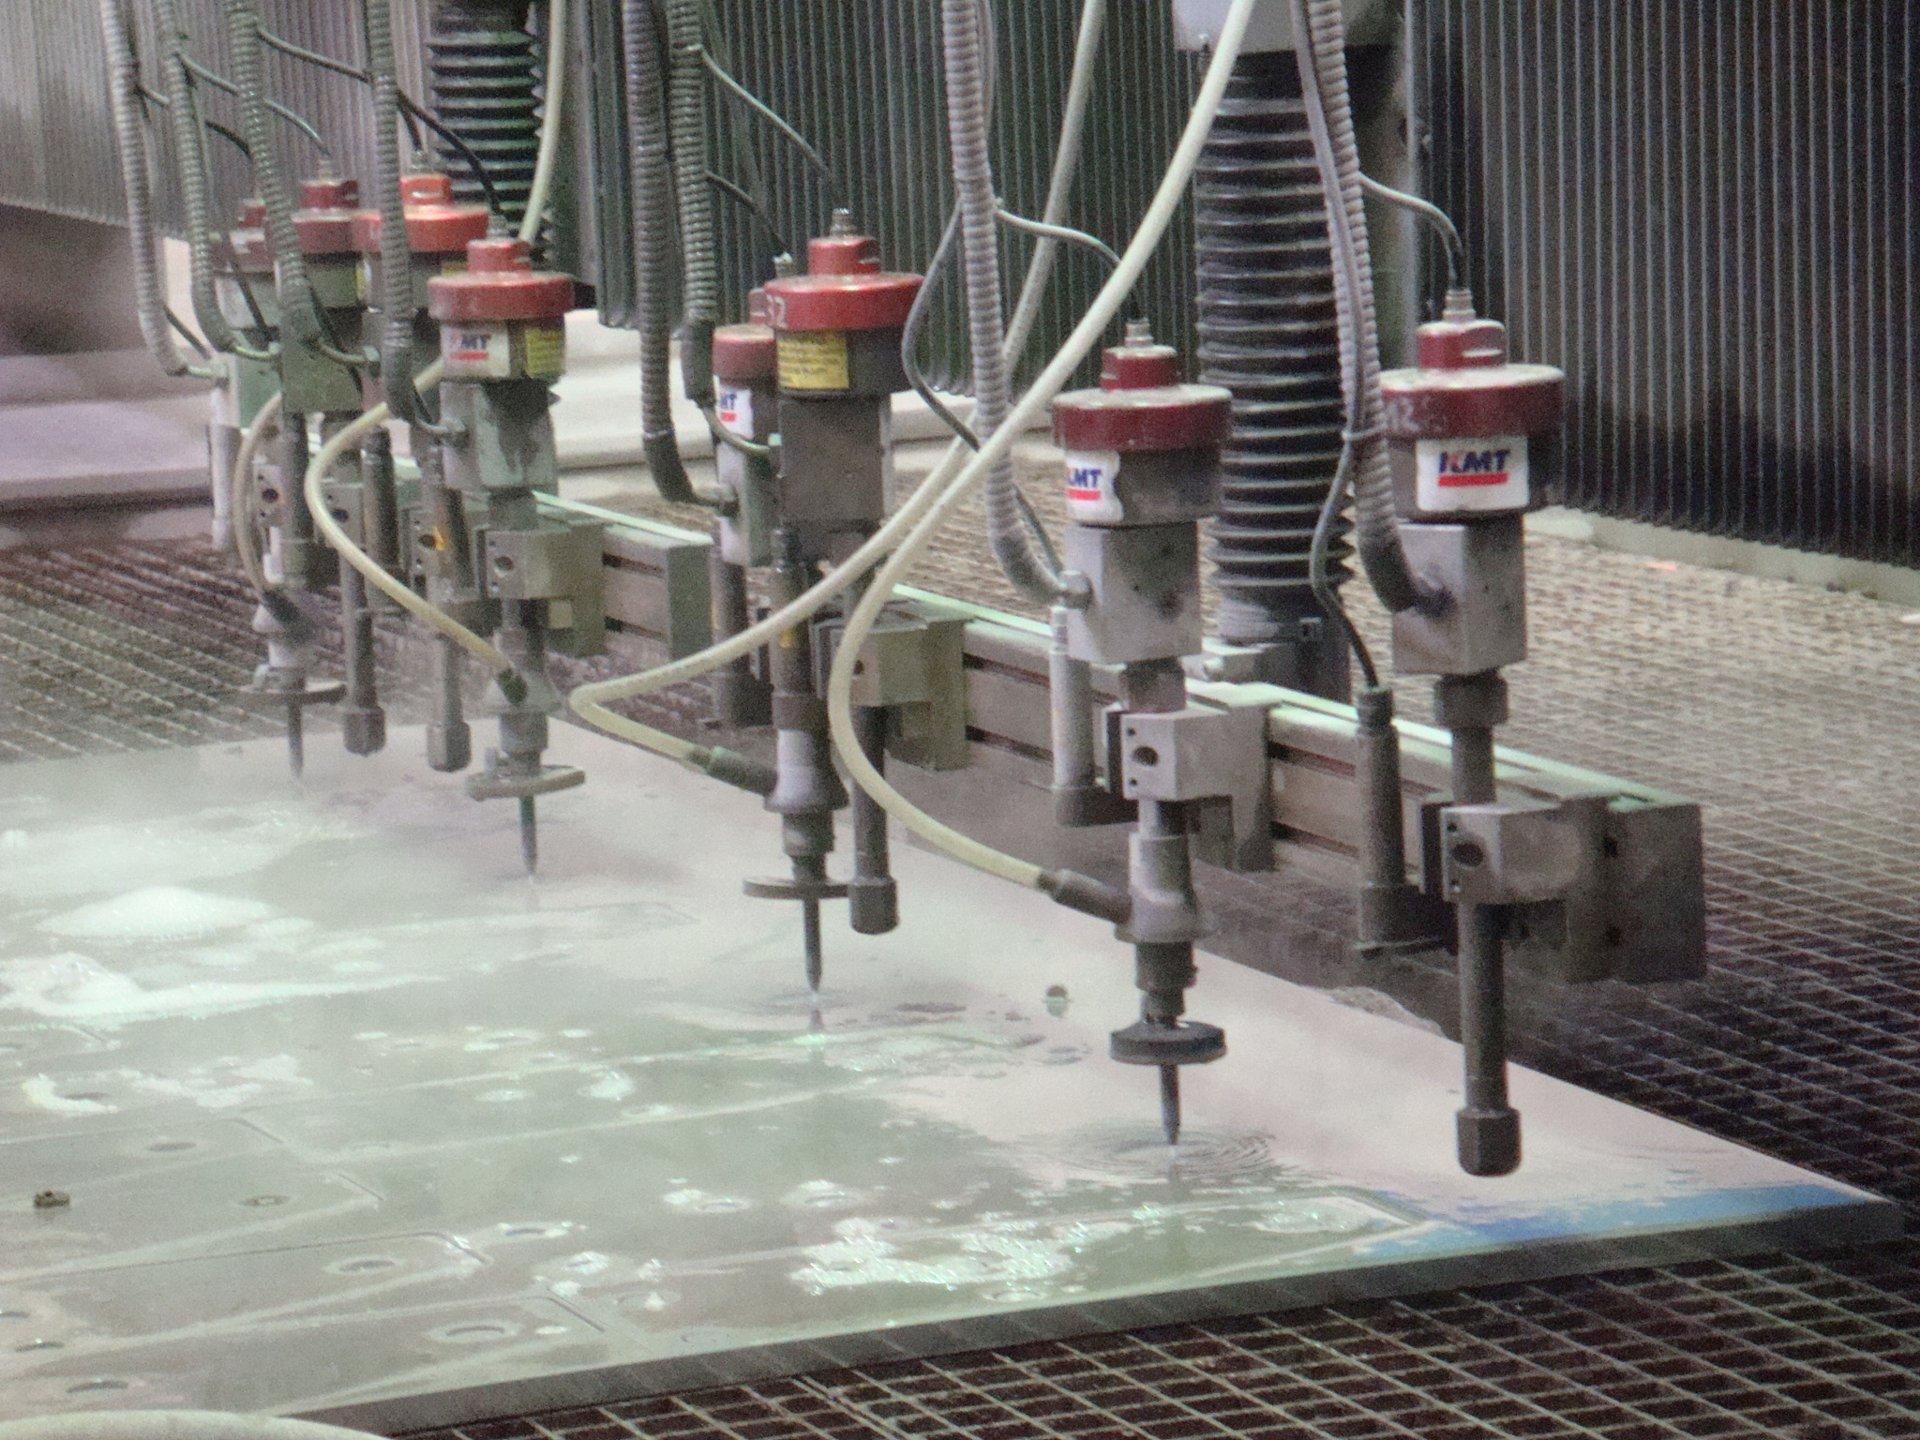 Durch den Einsatz mehrerer Schneidköpfe werden mehrere Werkstücke parallel gefertigt, was sich in günstigeren Preisen für den Kunden widerspiegelt (Foto: ICS).